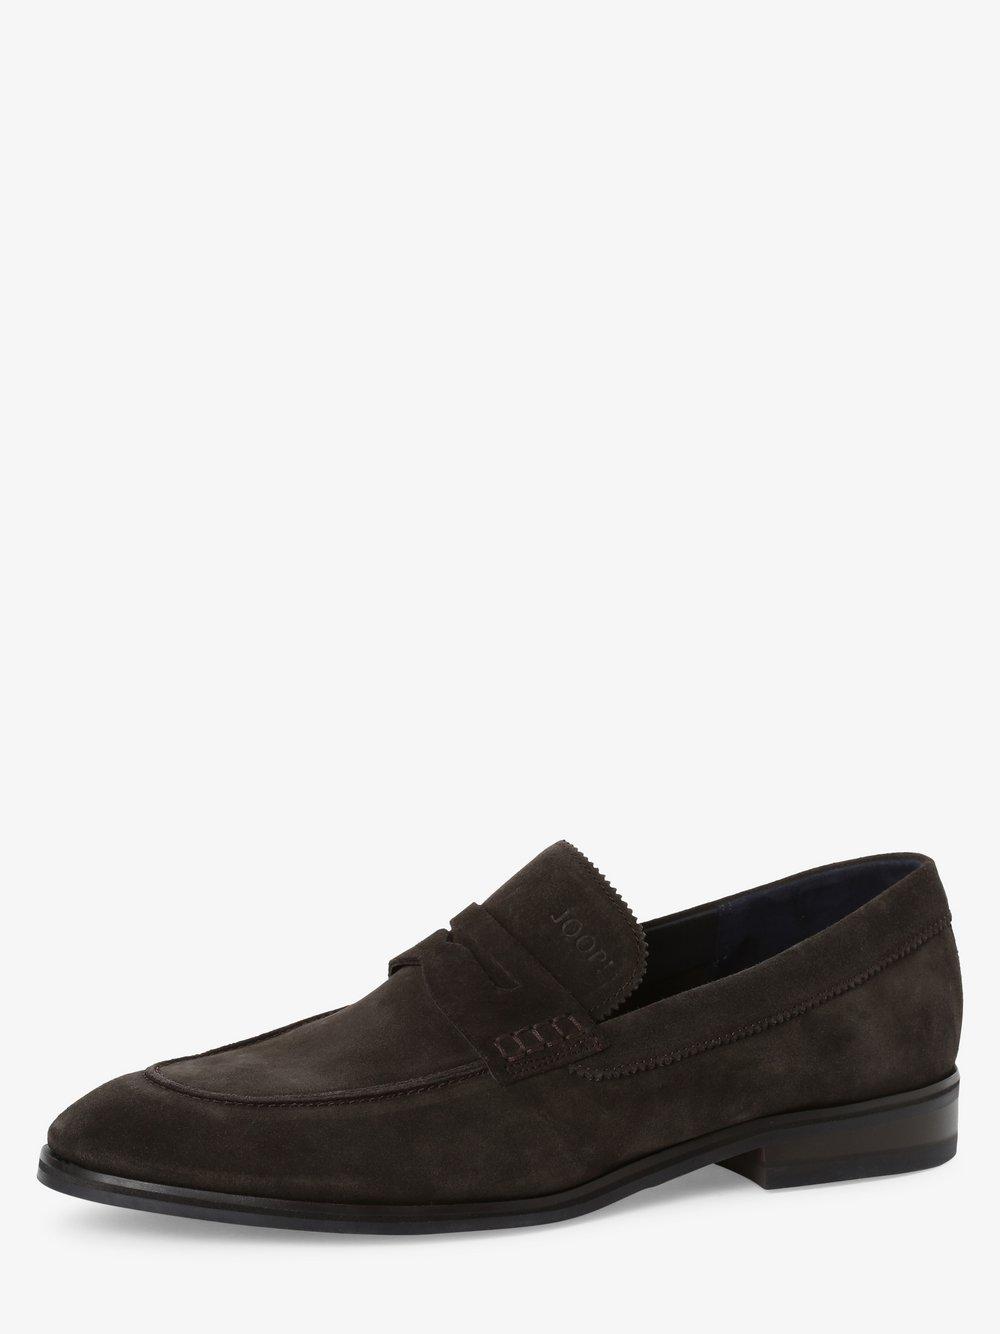 Joop - Skórzane loafersy męskie – Kleitos, brązowy